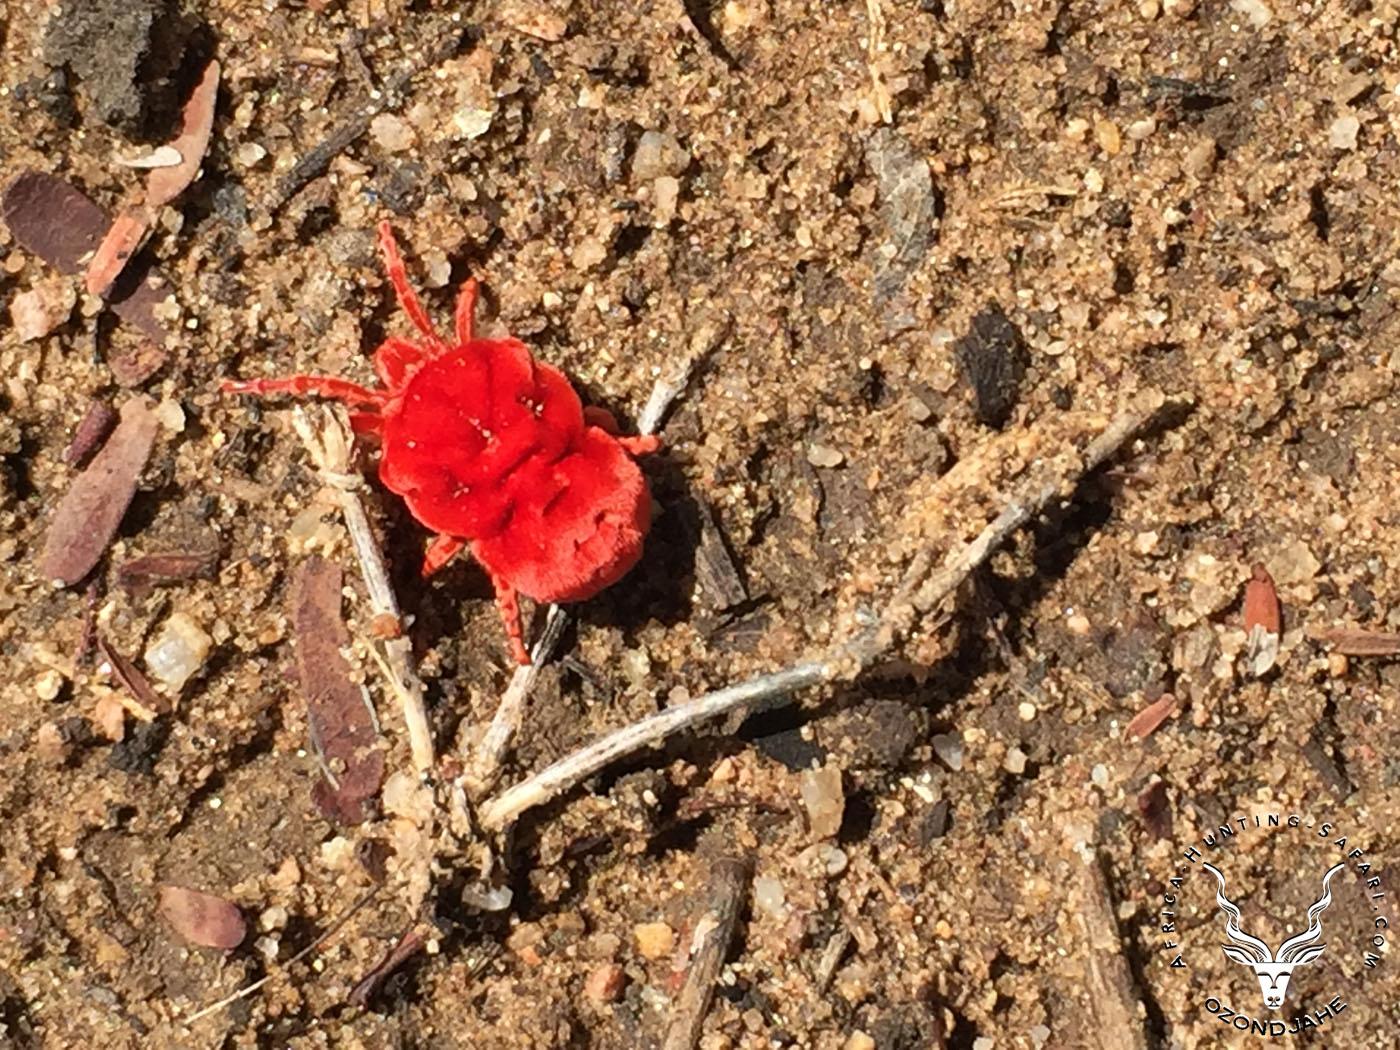 red-rain-mite